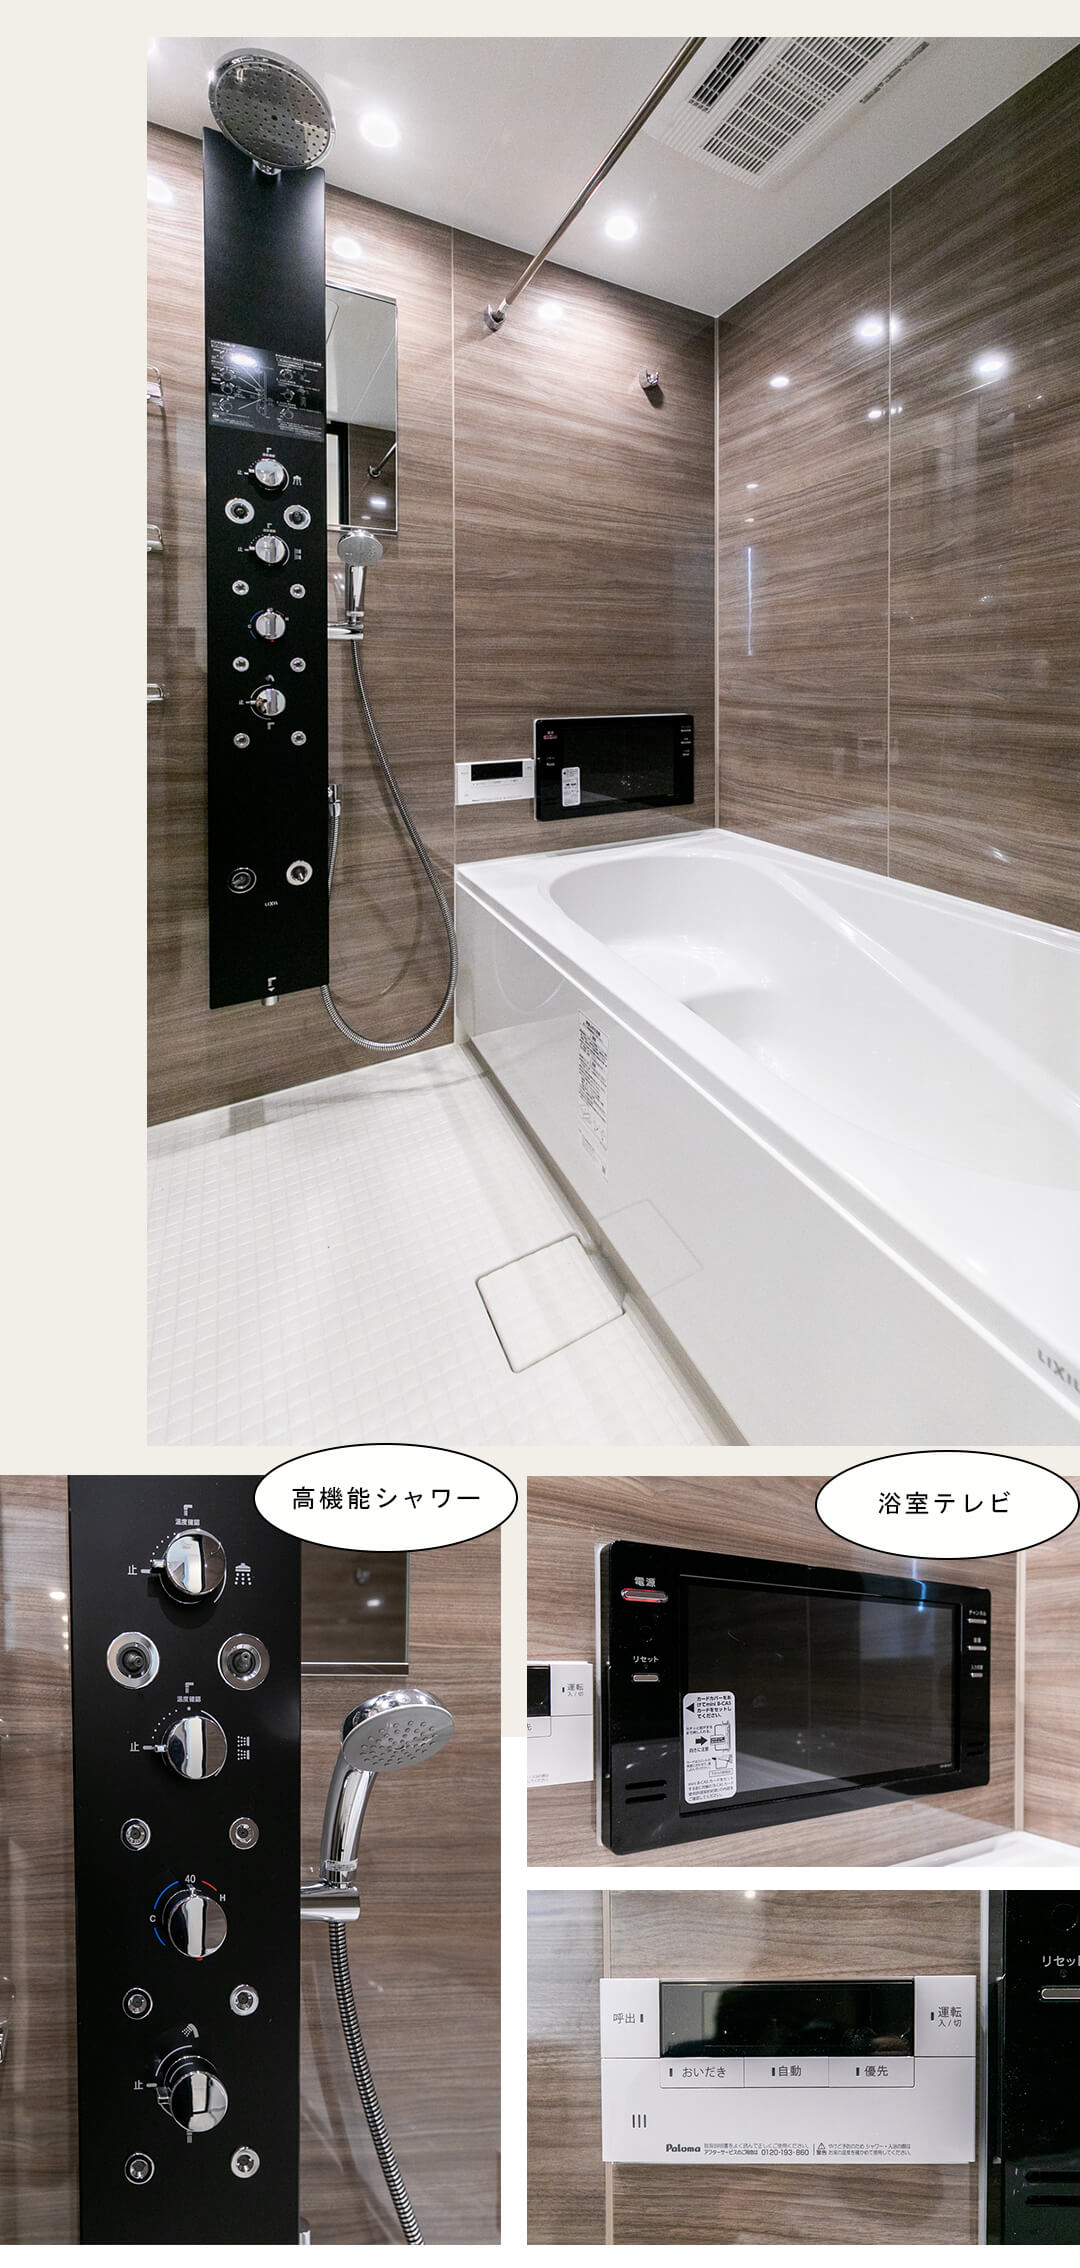 コスモ三軒茶屋 102の浴室